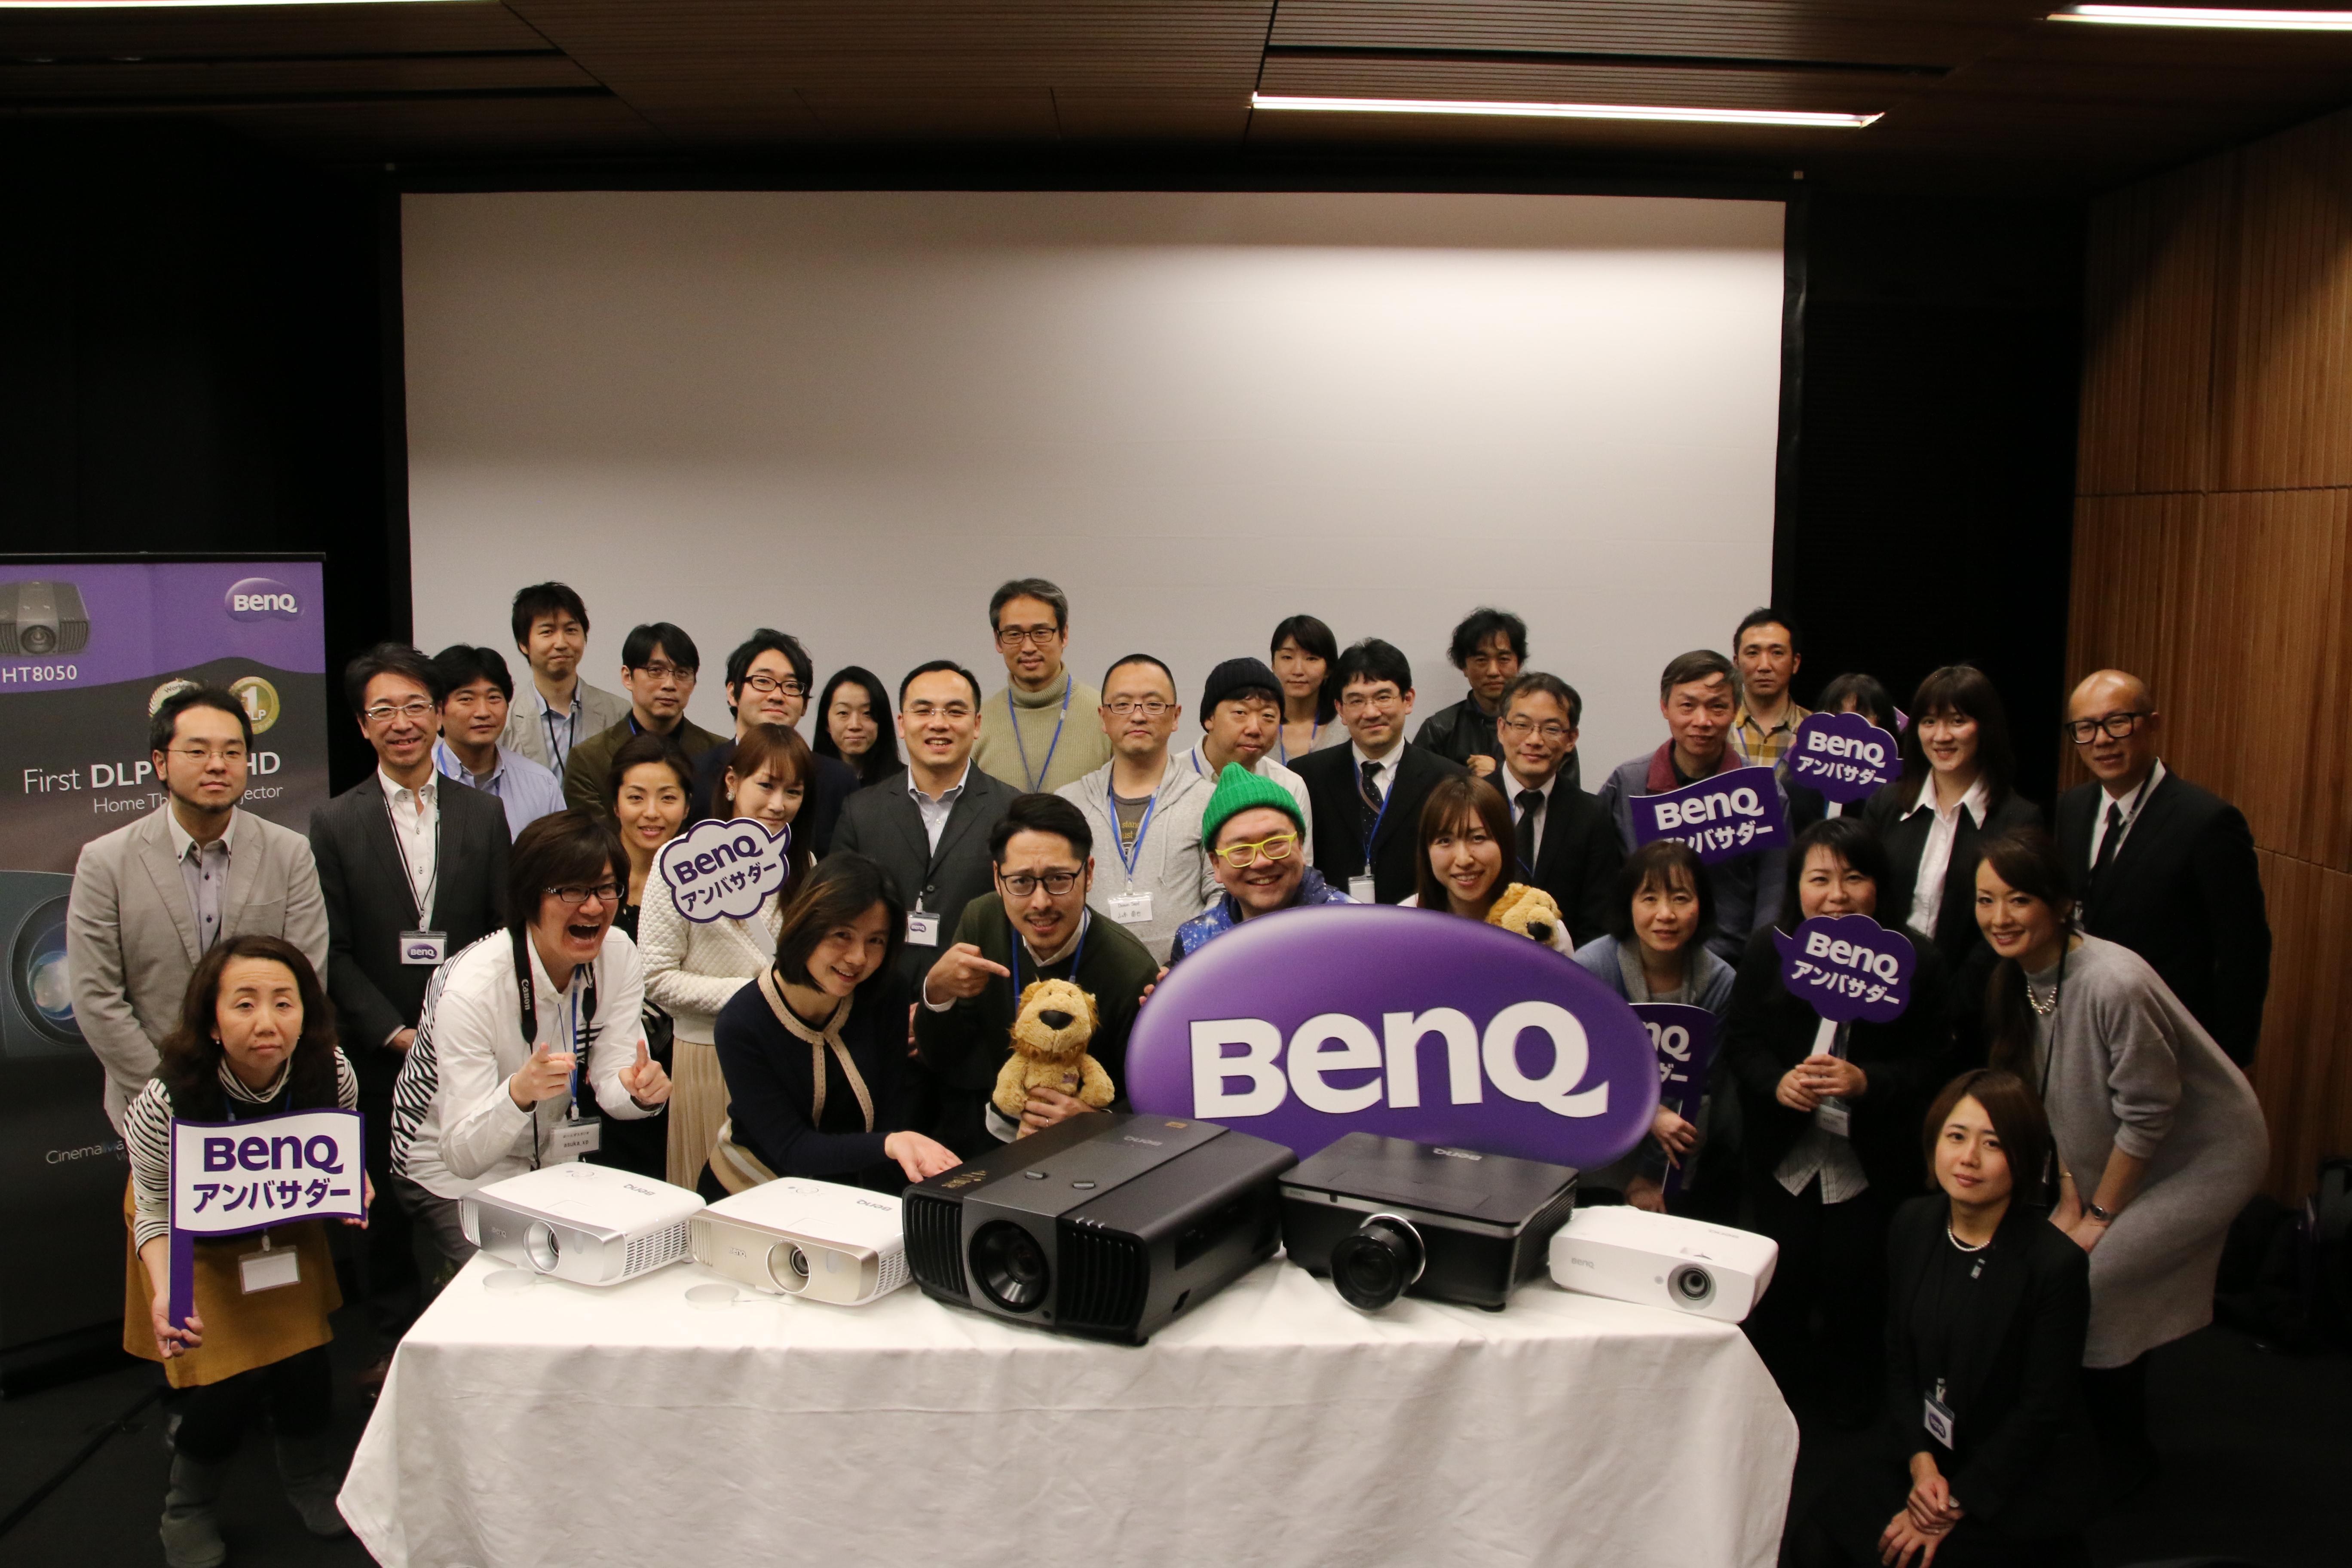 BenQアンバサダー活動報告 第3回BenQアンバサダーイベント『BenQホームシアタープロジェクター体験イベント』を開催しました。#BenQアンバサダー